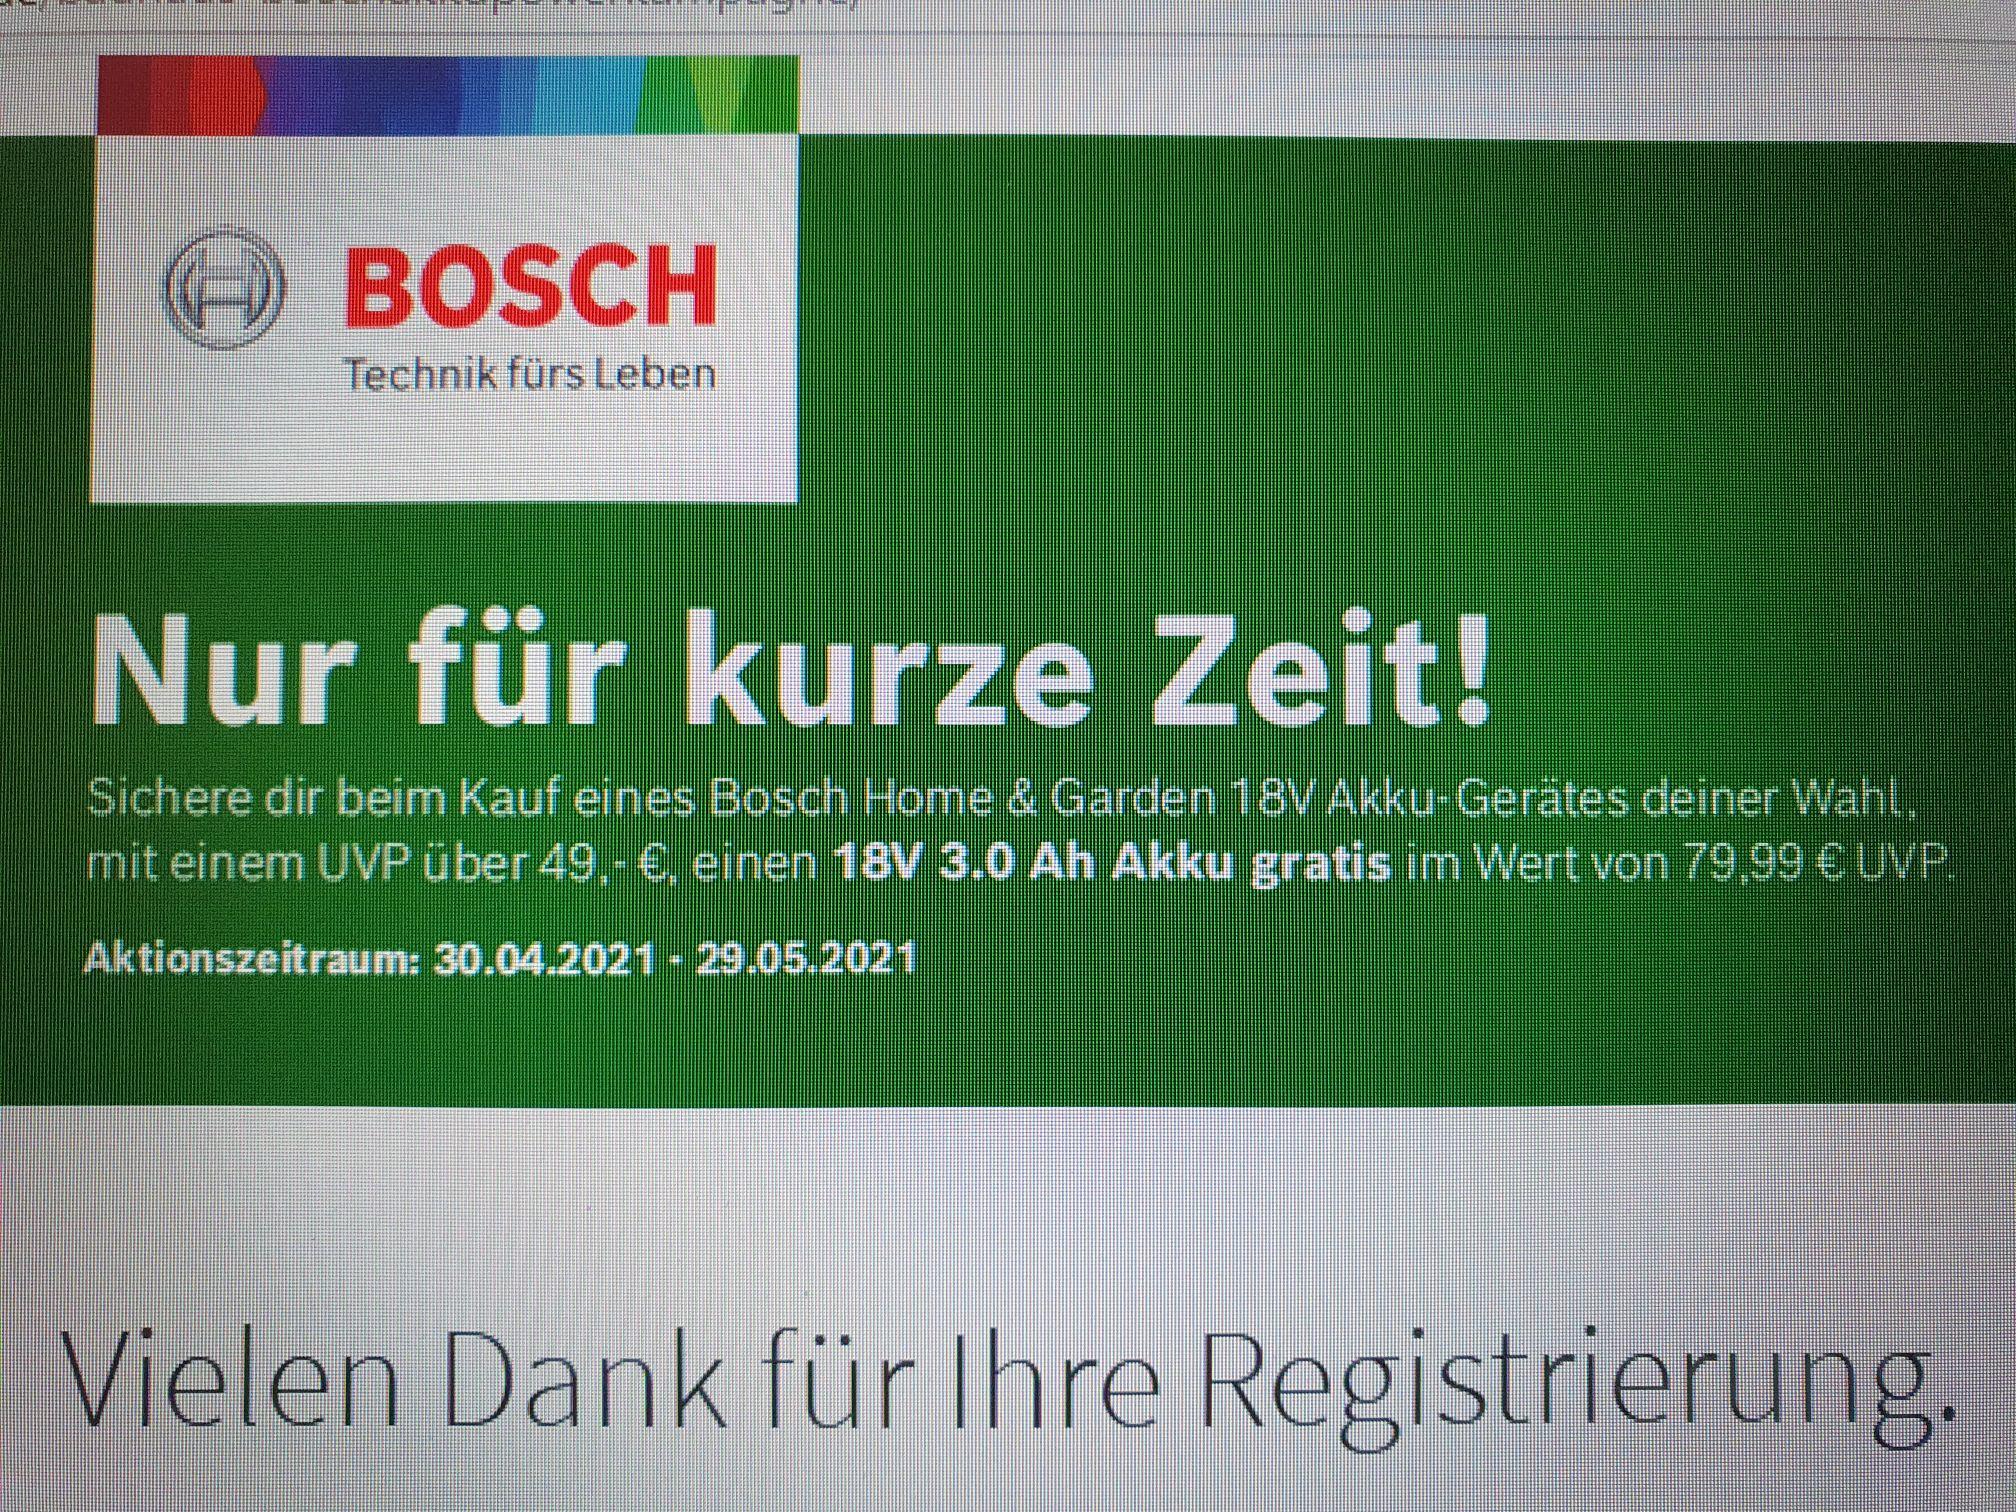 Bosch 18V 3.0 Ah Akku gratis (anstatt 79,99€ UVP)...